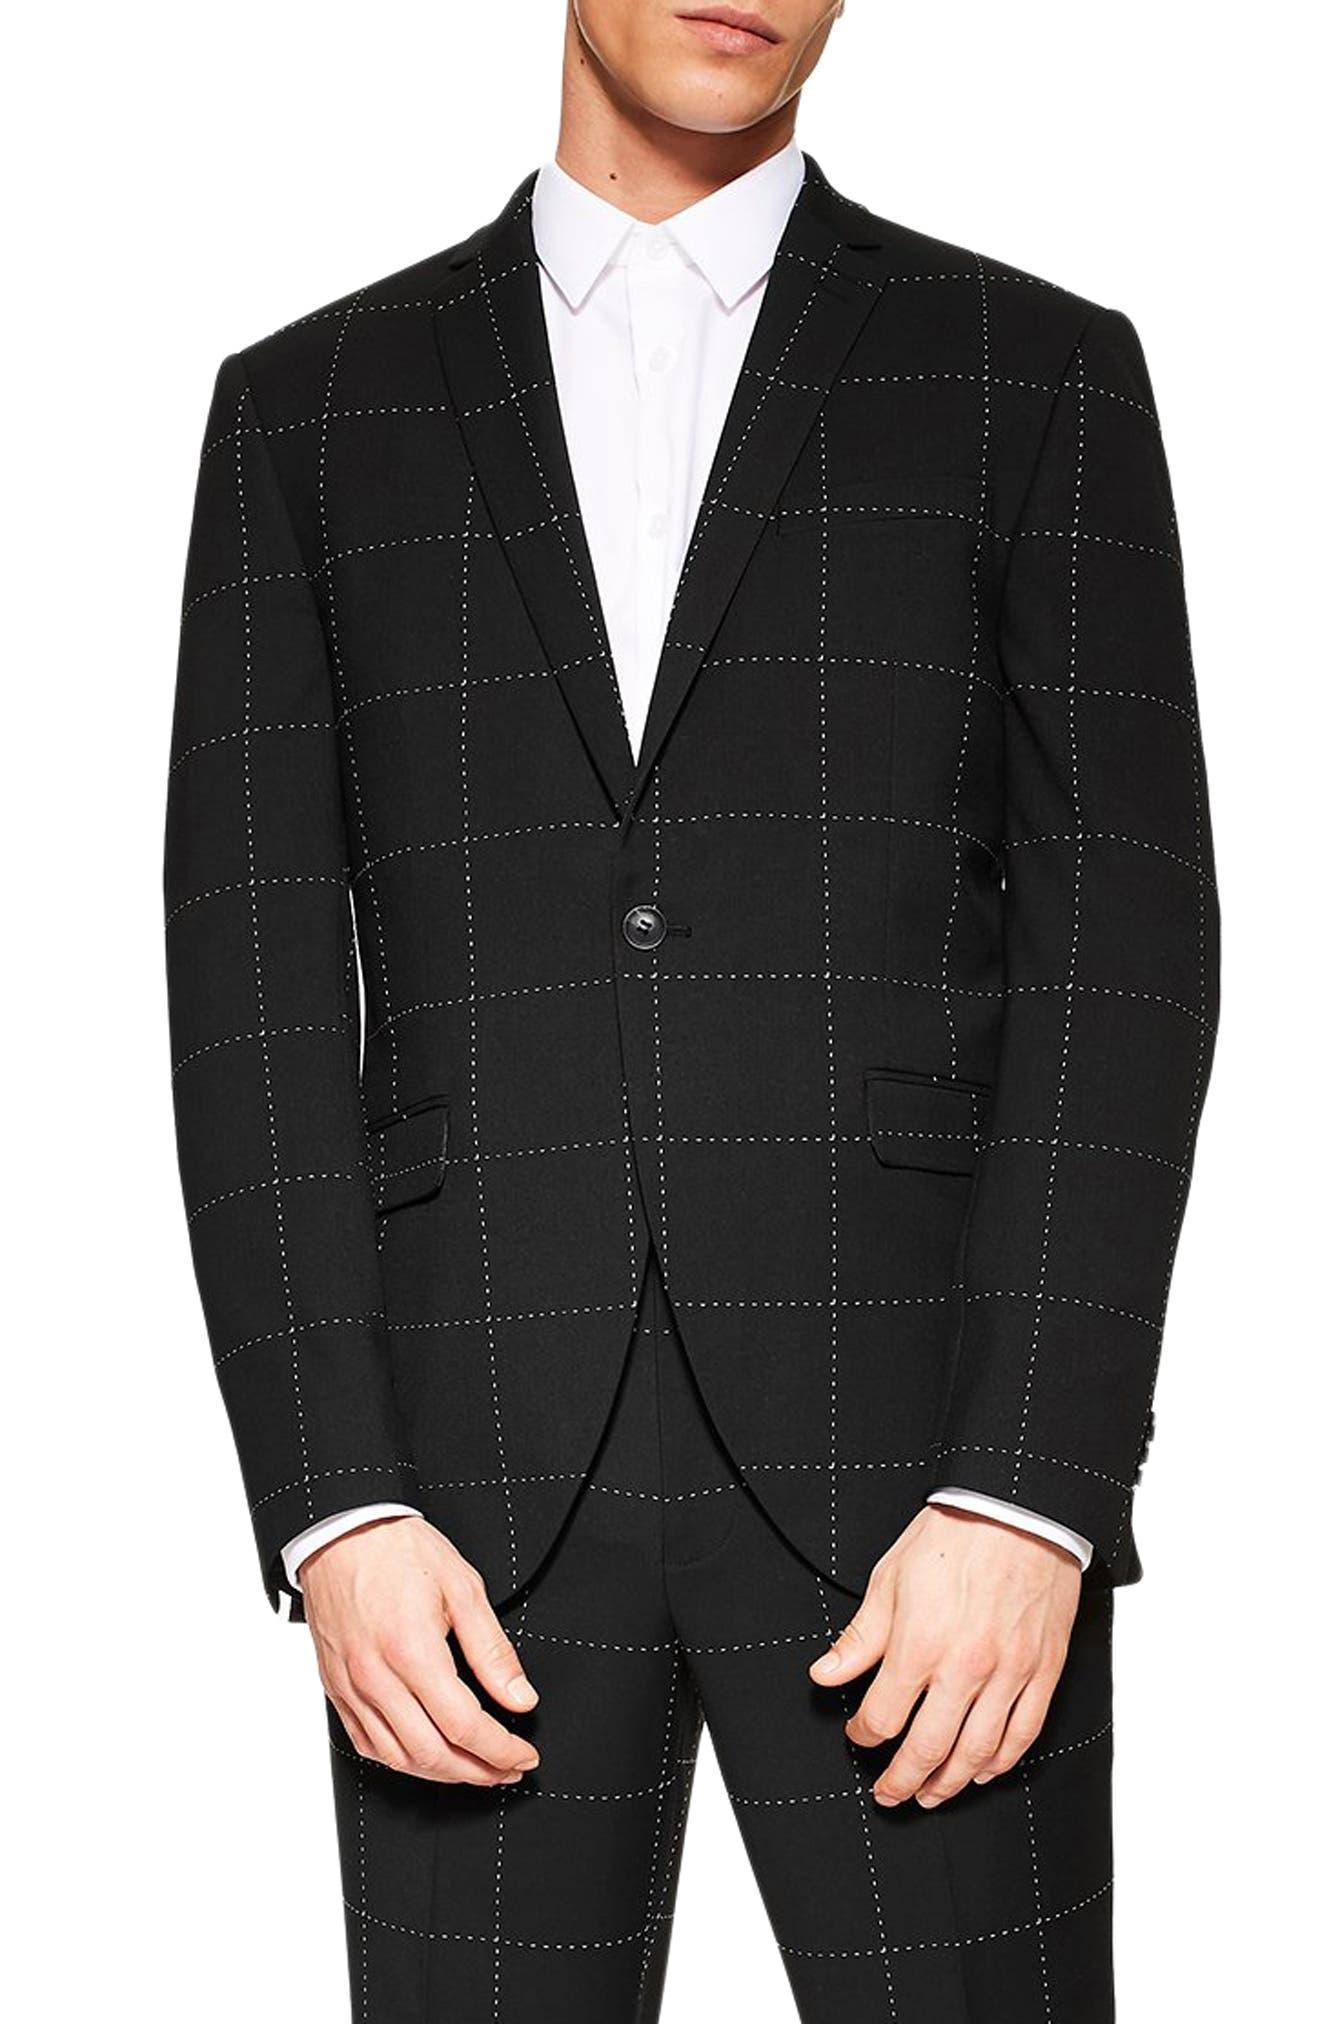 TOPMAN, Slim Fit Topstitch Suit Jacket, Main thumbnail 1, color, BLACK